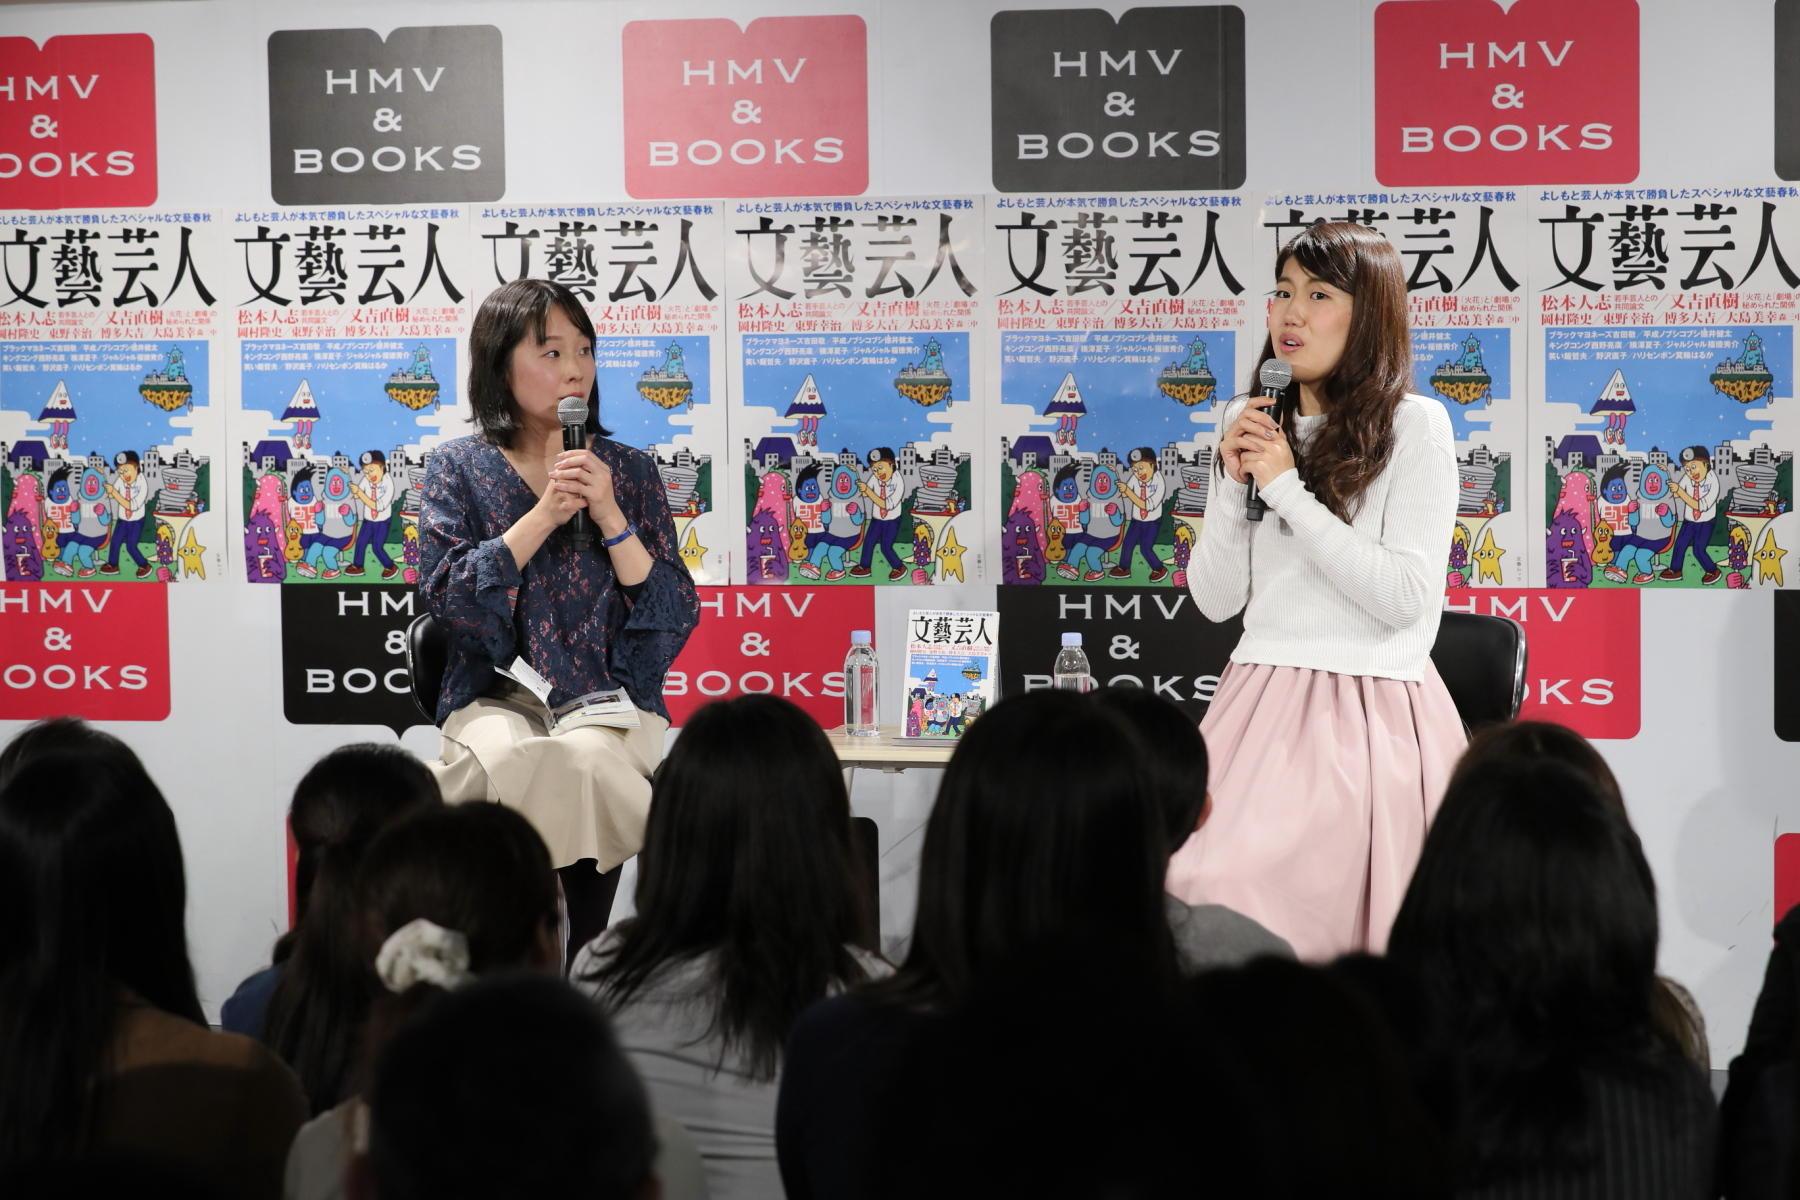 http://news.yoshimoto.co.jp/20170330195224-b77178080285a588821d7988891598fbdc6b44af.jpg